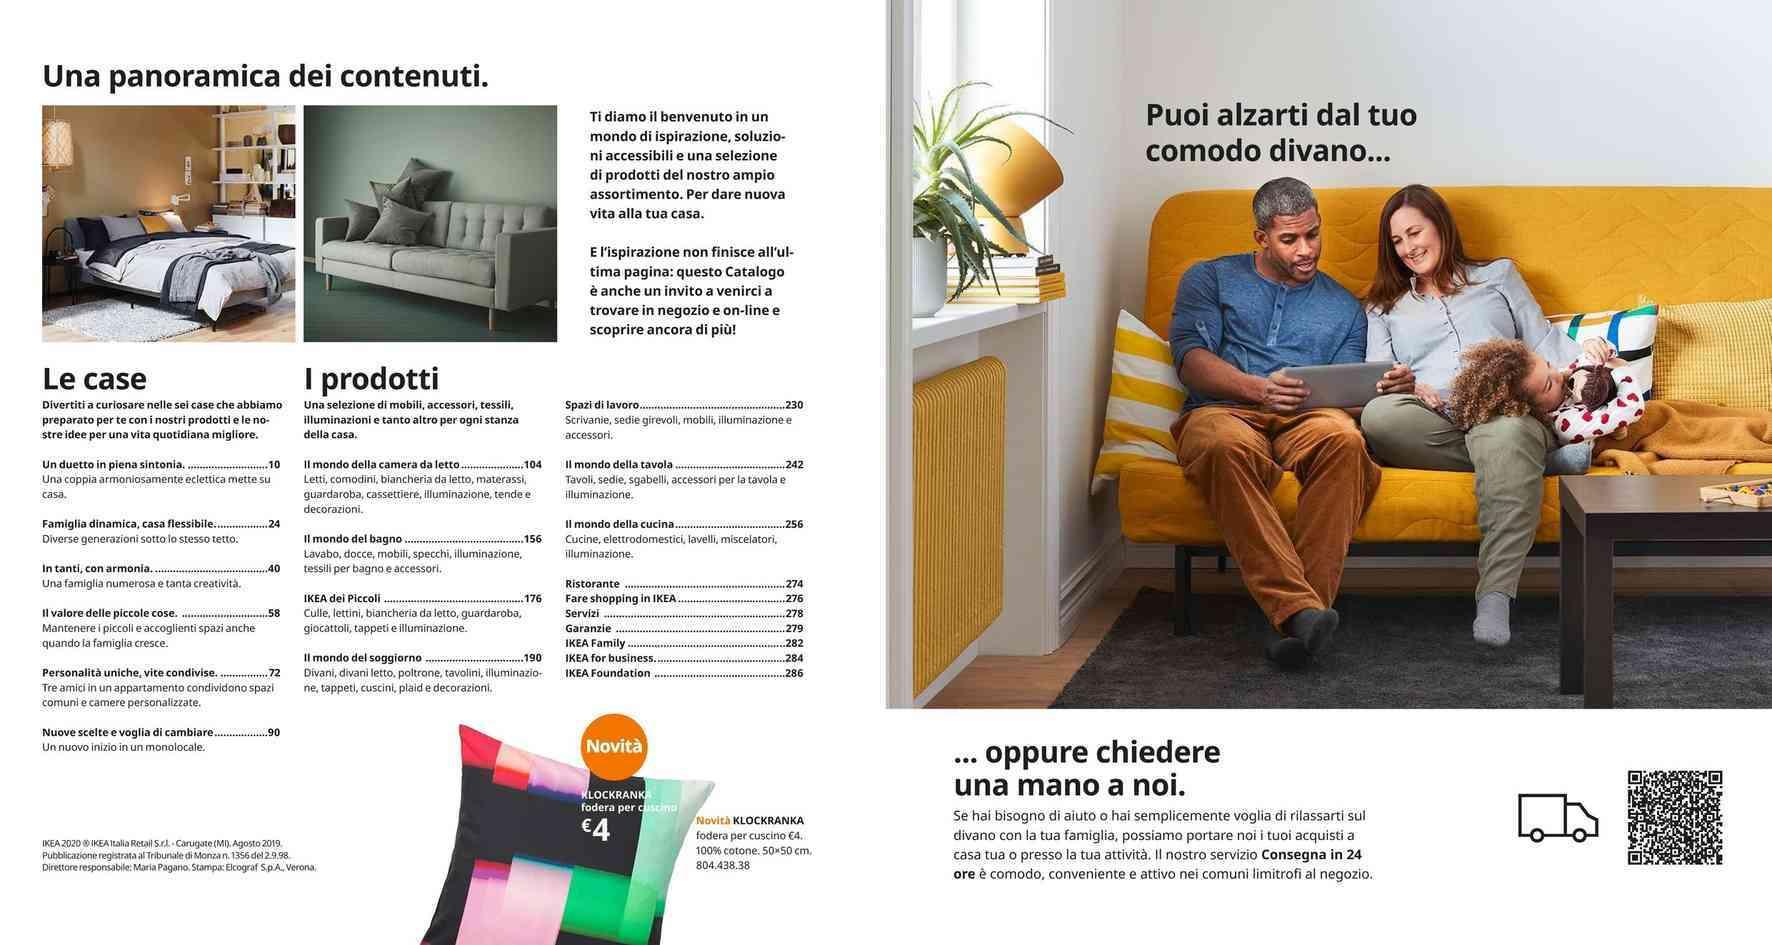 Negozi Mobili Cagliari E Provincia offerte mobili bagno a cagliari, negozi per arredare casa